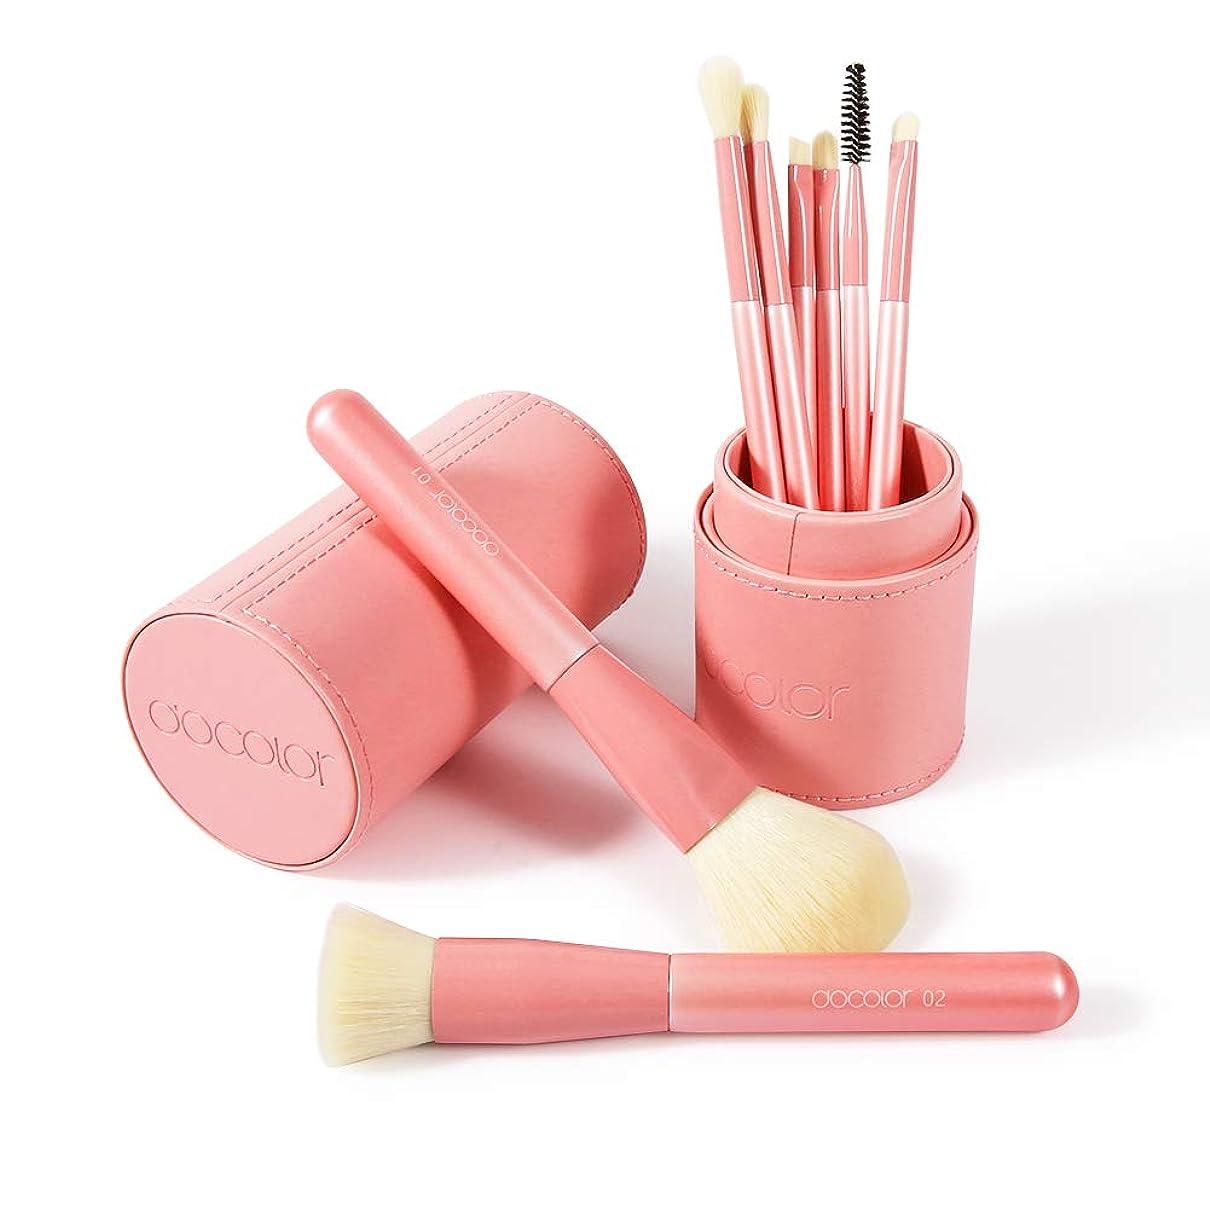 企業ブーム脆いDocolor ドゥカラー 化粧筆 メイクブラシ8本セット ホルダーケース付き  ピンク